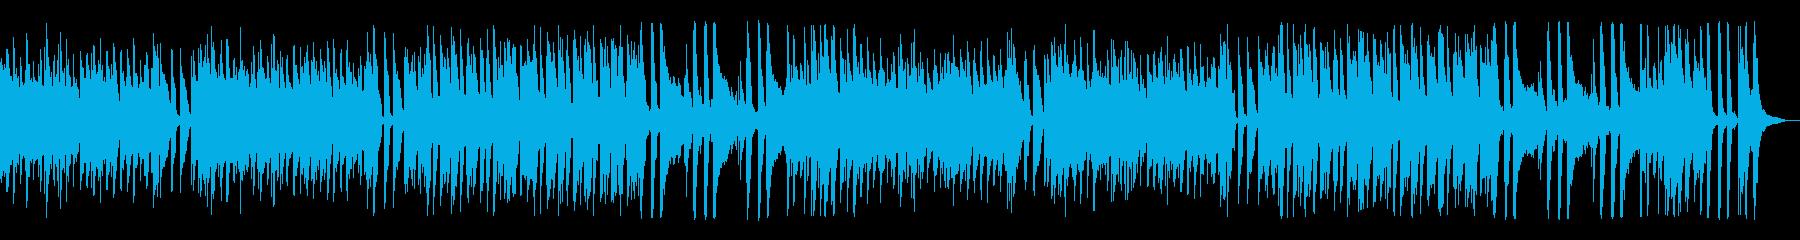 爽やか可愛いクッキングBGMジャズの再生済みの波形